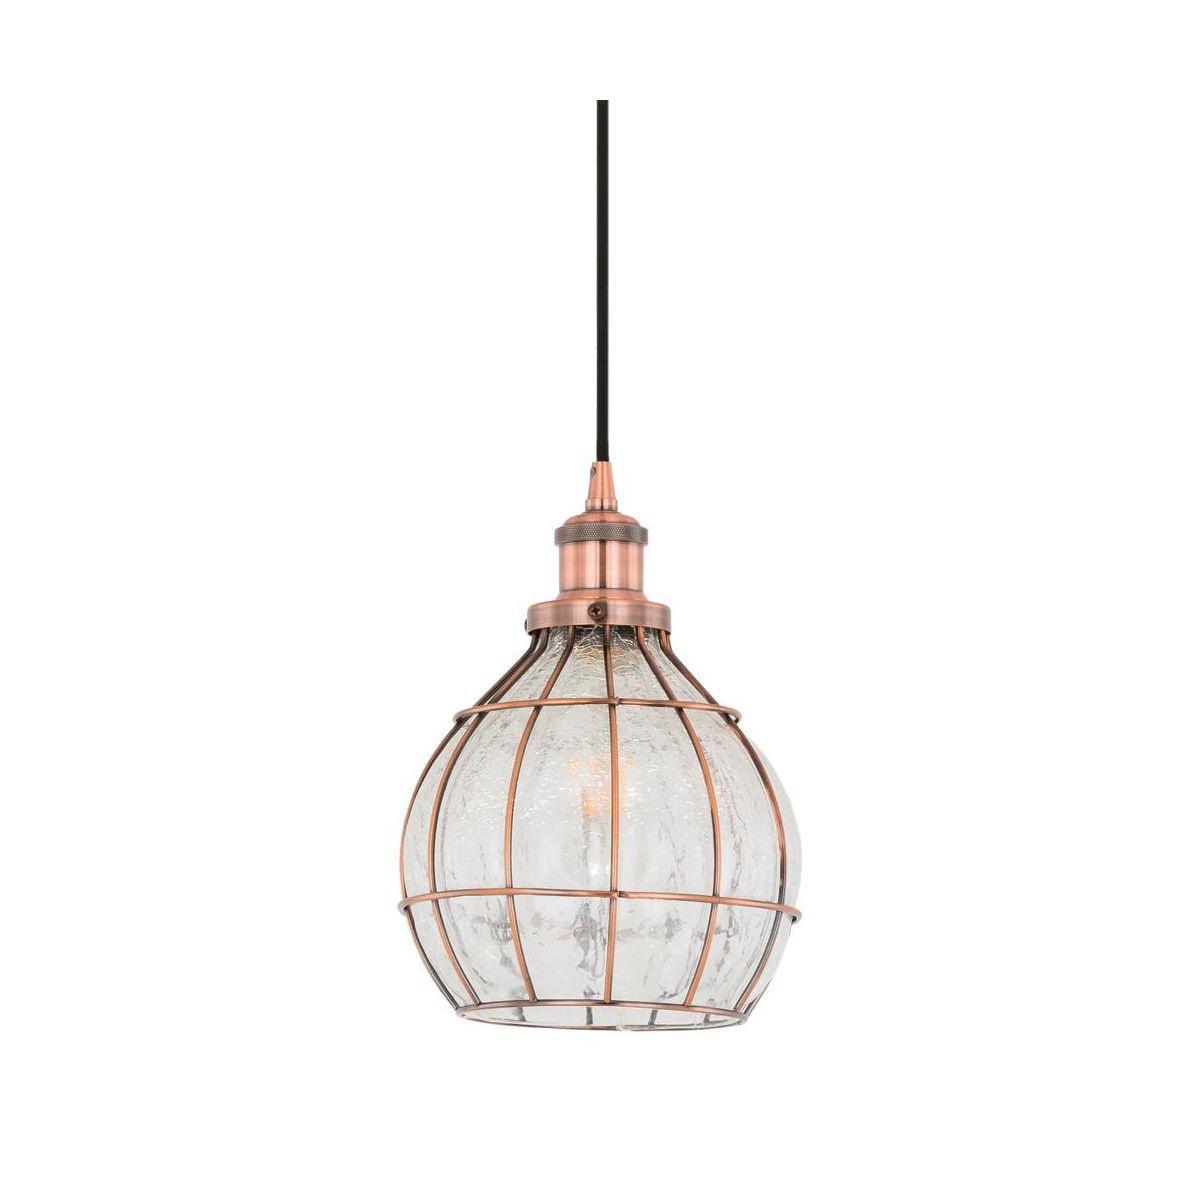 Lampa Wiszaca Finter Italux Lampy Sufitowe Zyrandole Plafony W Atrakcyjnej Cenie W Sklepach Leroy Merlin Ceiling Lights Pendant Light Light